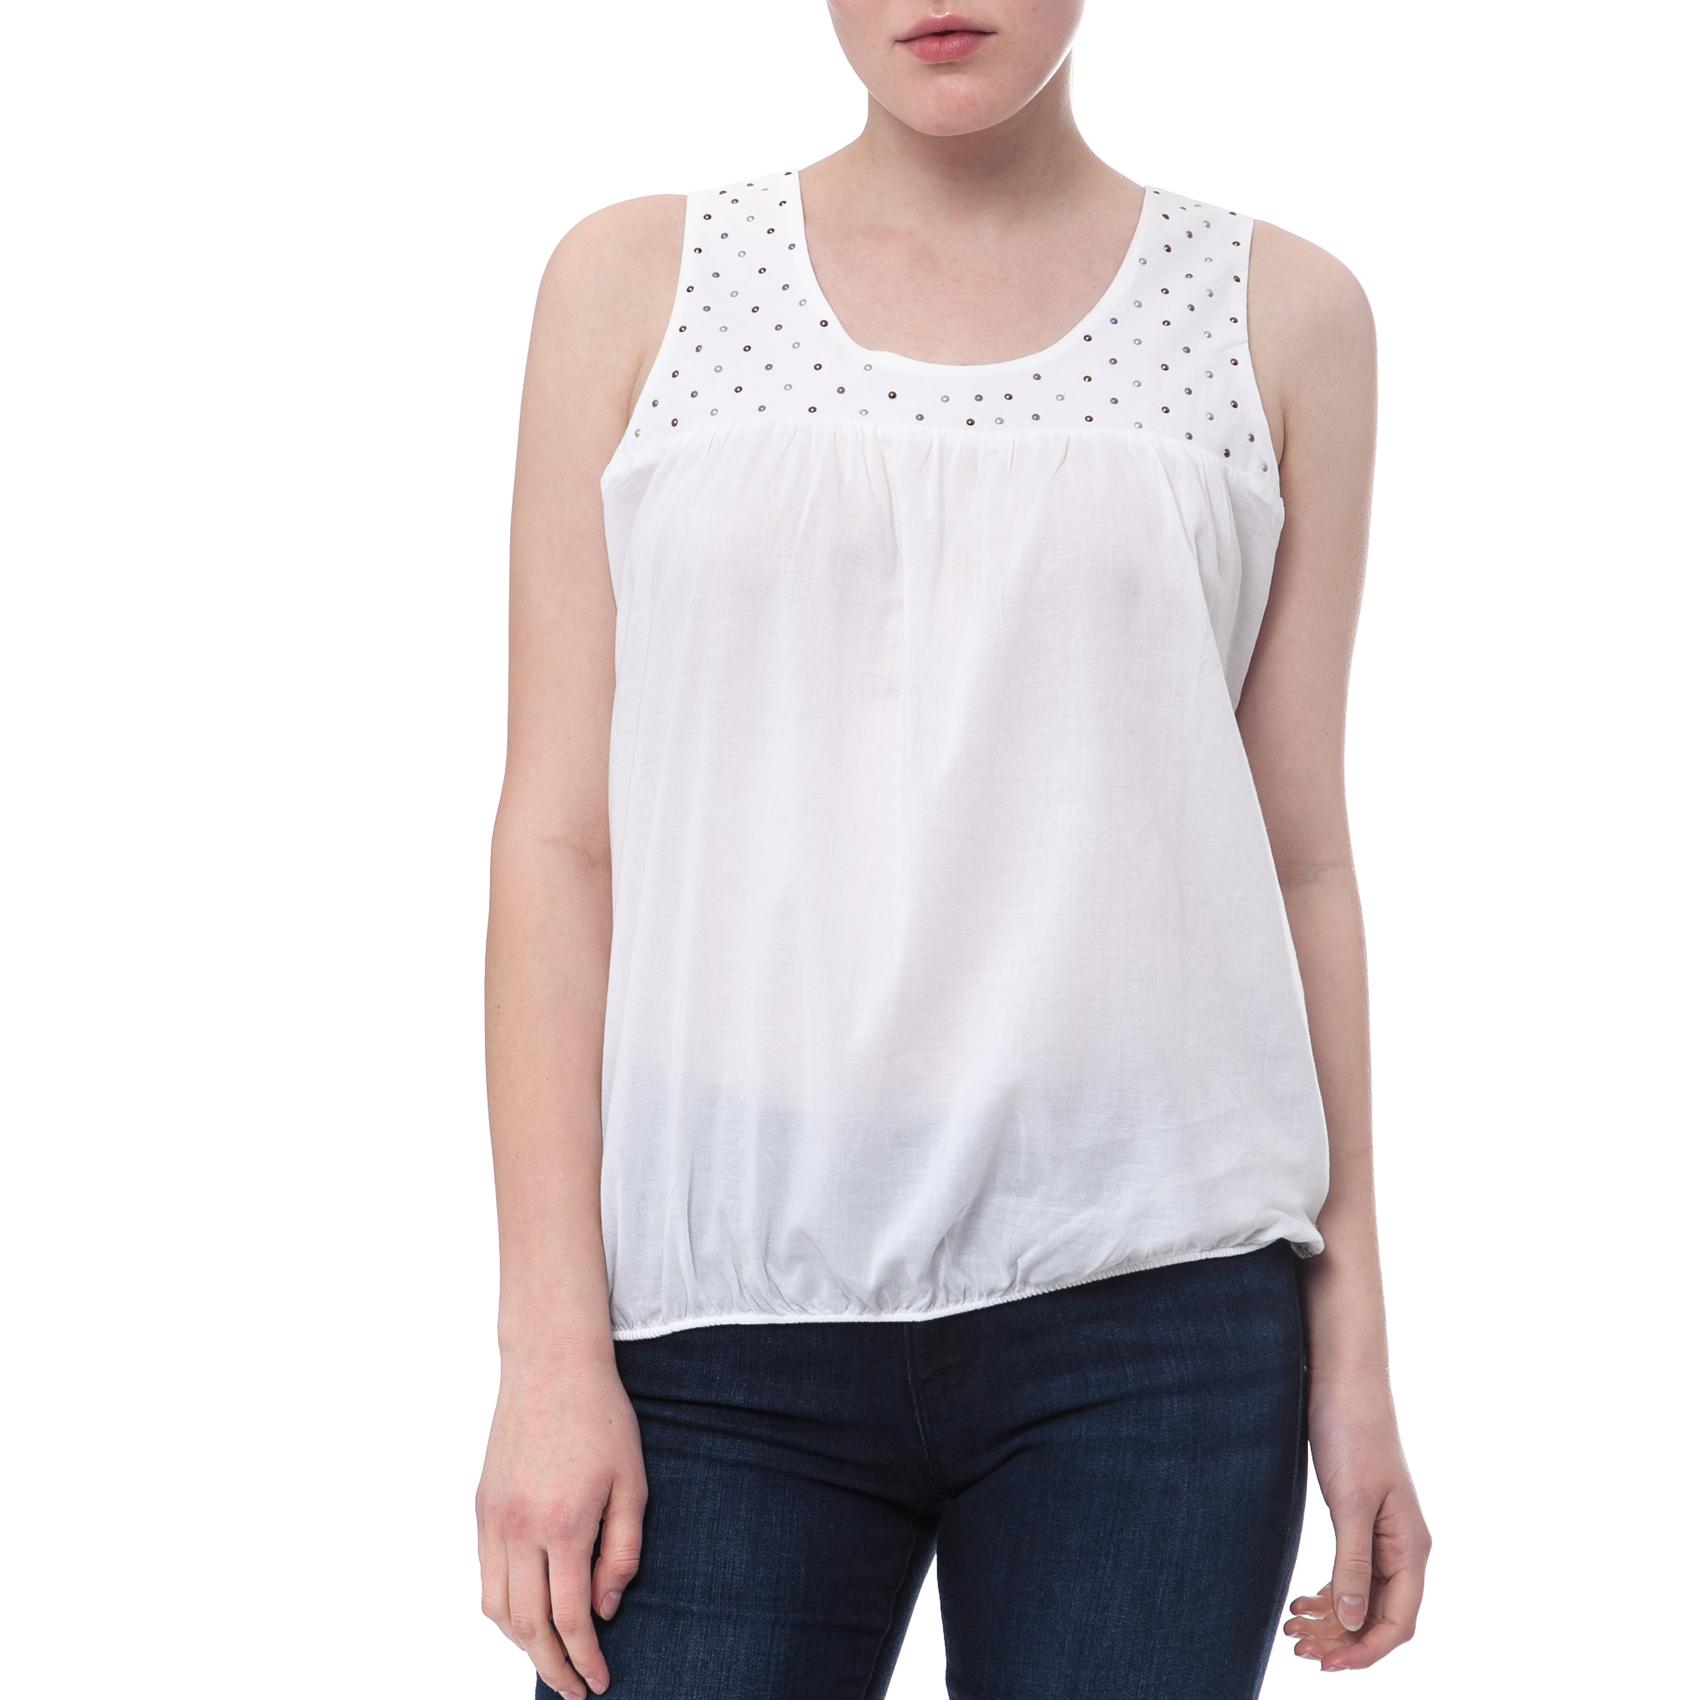 NORTH SAILS - Γυναικεία μπλούζα North Sails λευκή γυναικεία ρούχα μπλούζες αμάνικες